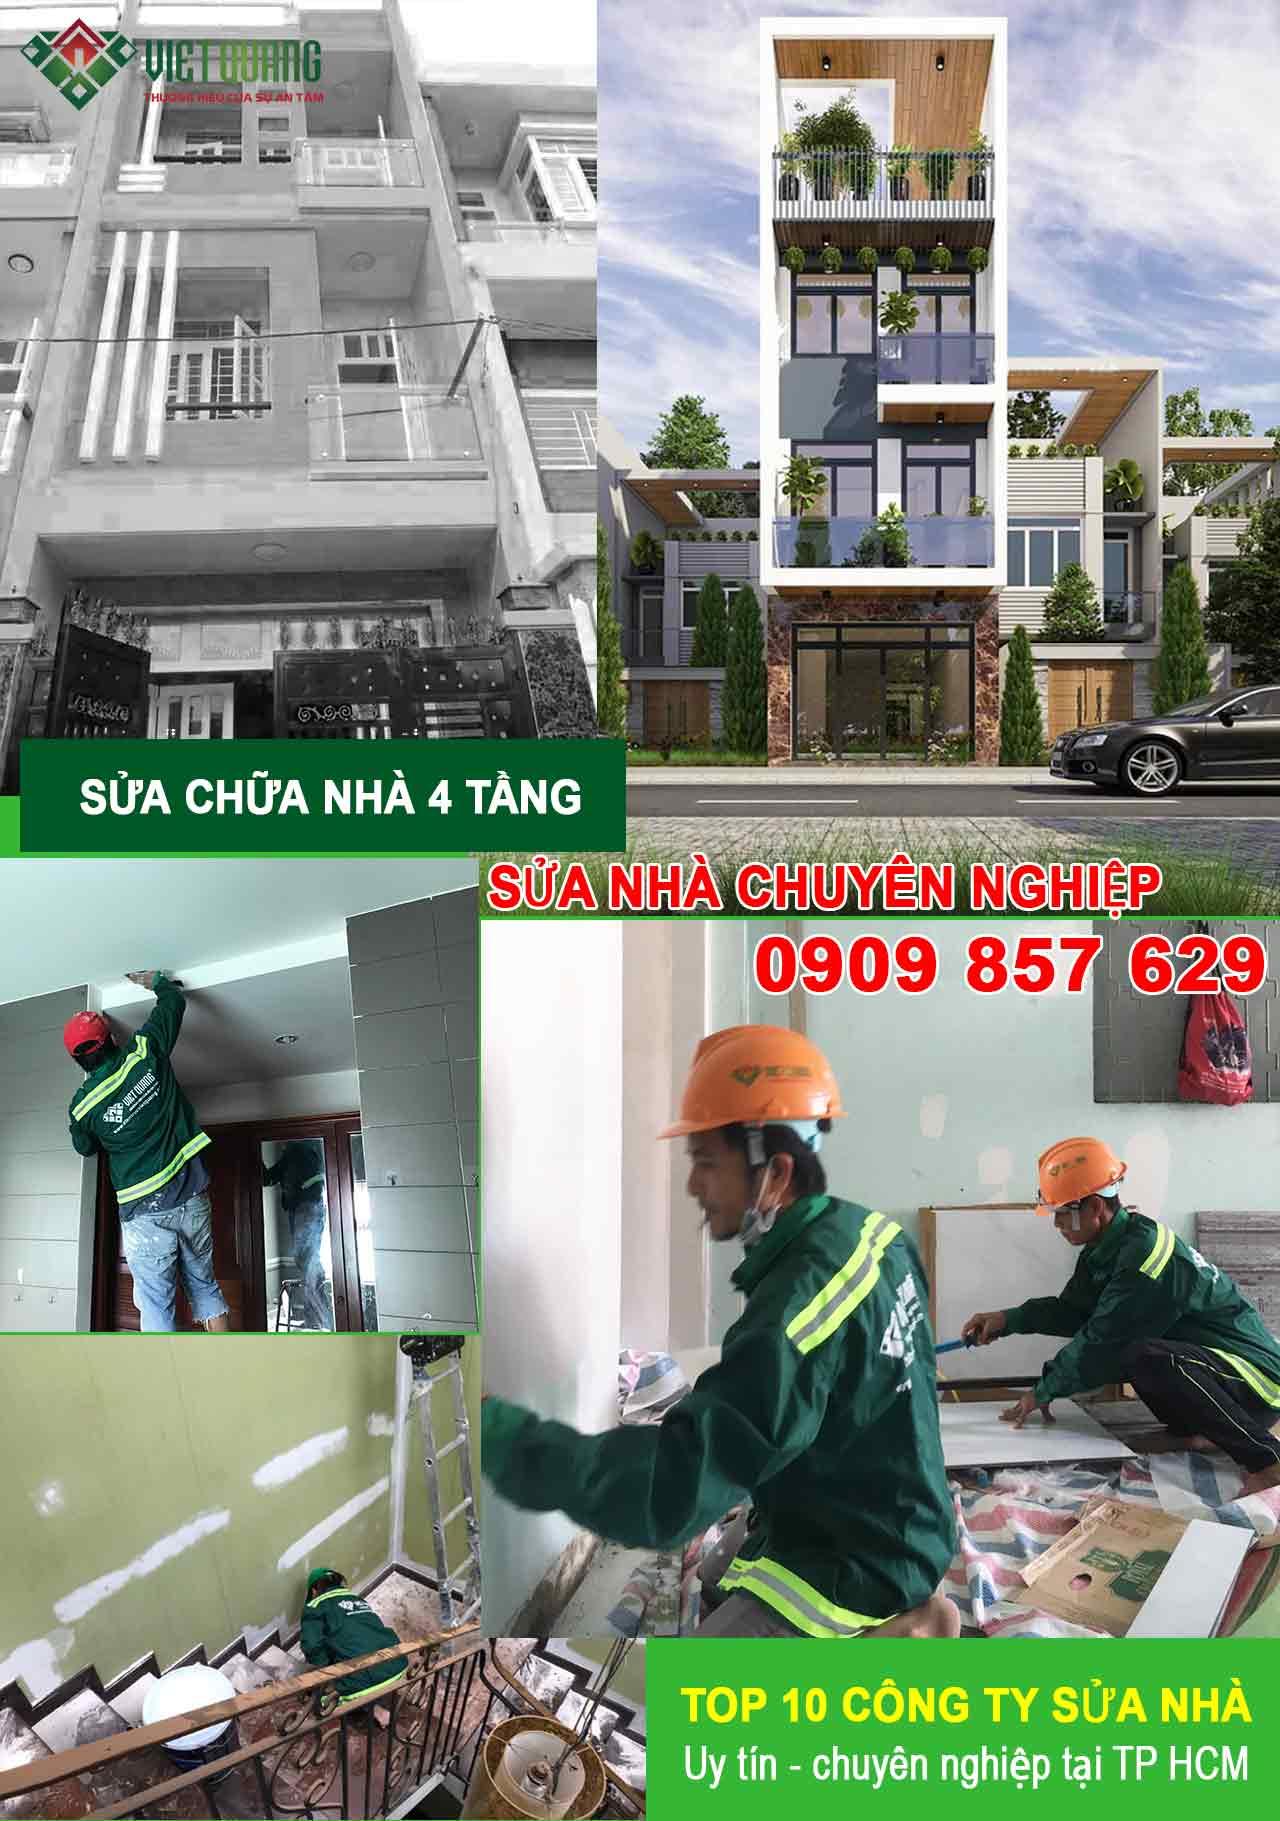 Sửa nhà 4 tầng